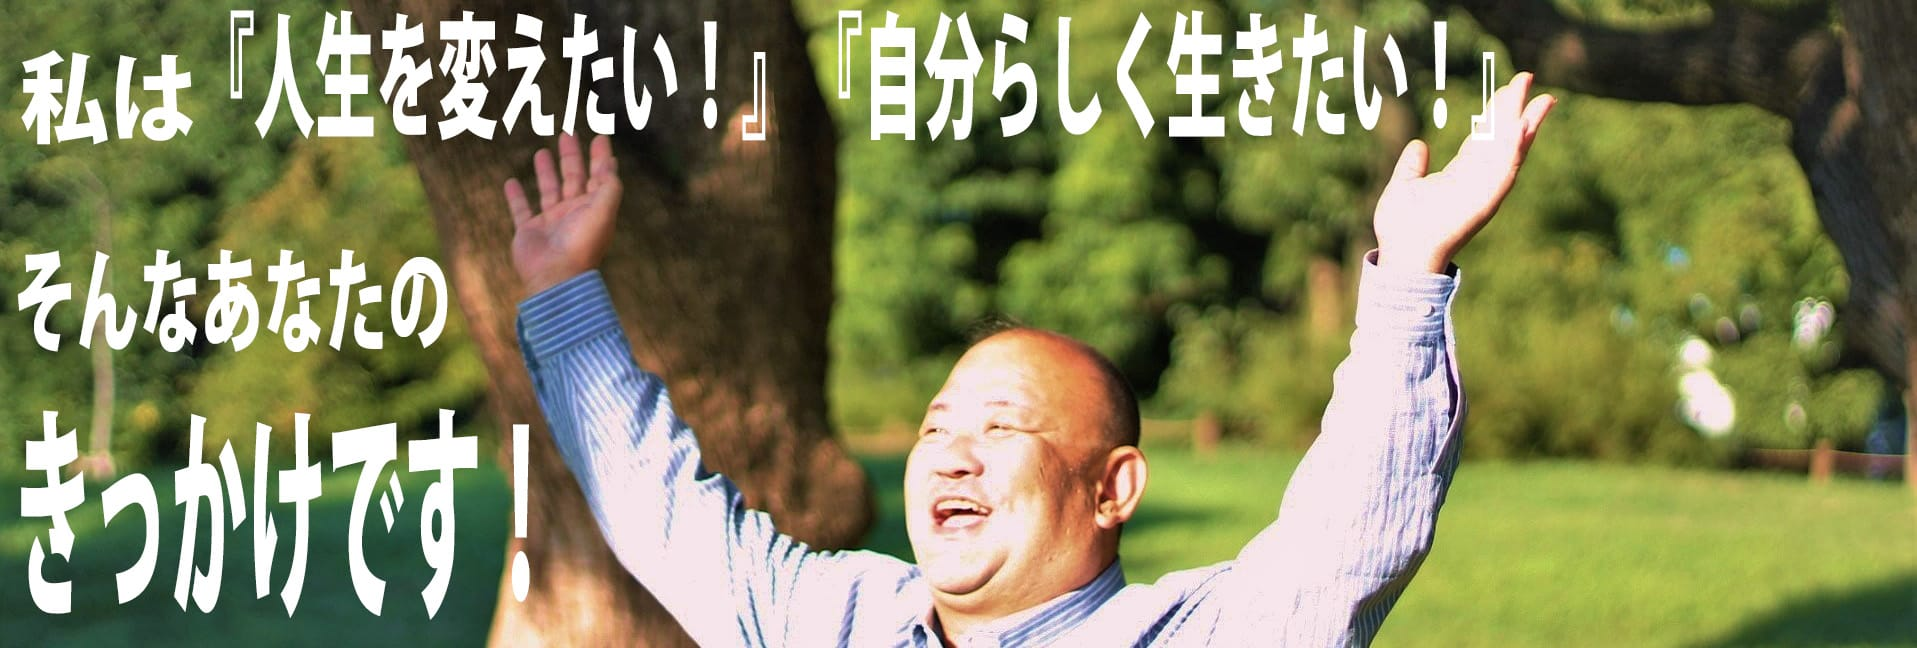 霊性開花|スピリチュアルカウンセリング|スピリチュアルヒーリング|東京都葛飾区|アメーバブログ癒しカテゴリー1位取得!【ブライトライトヒーリングカンパニー】